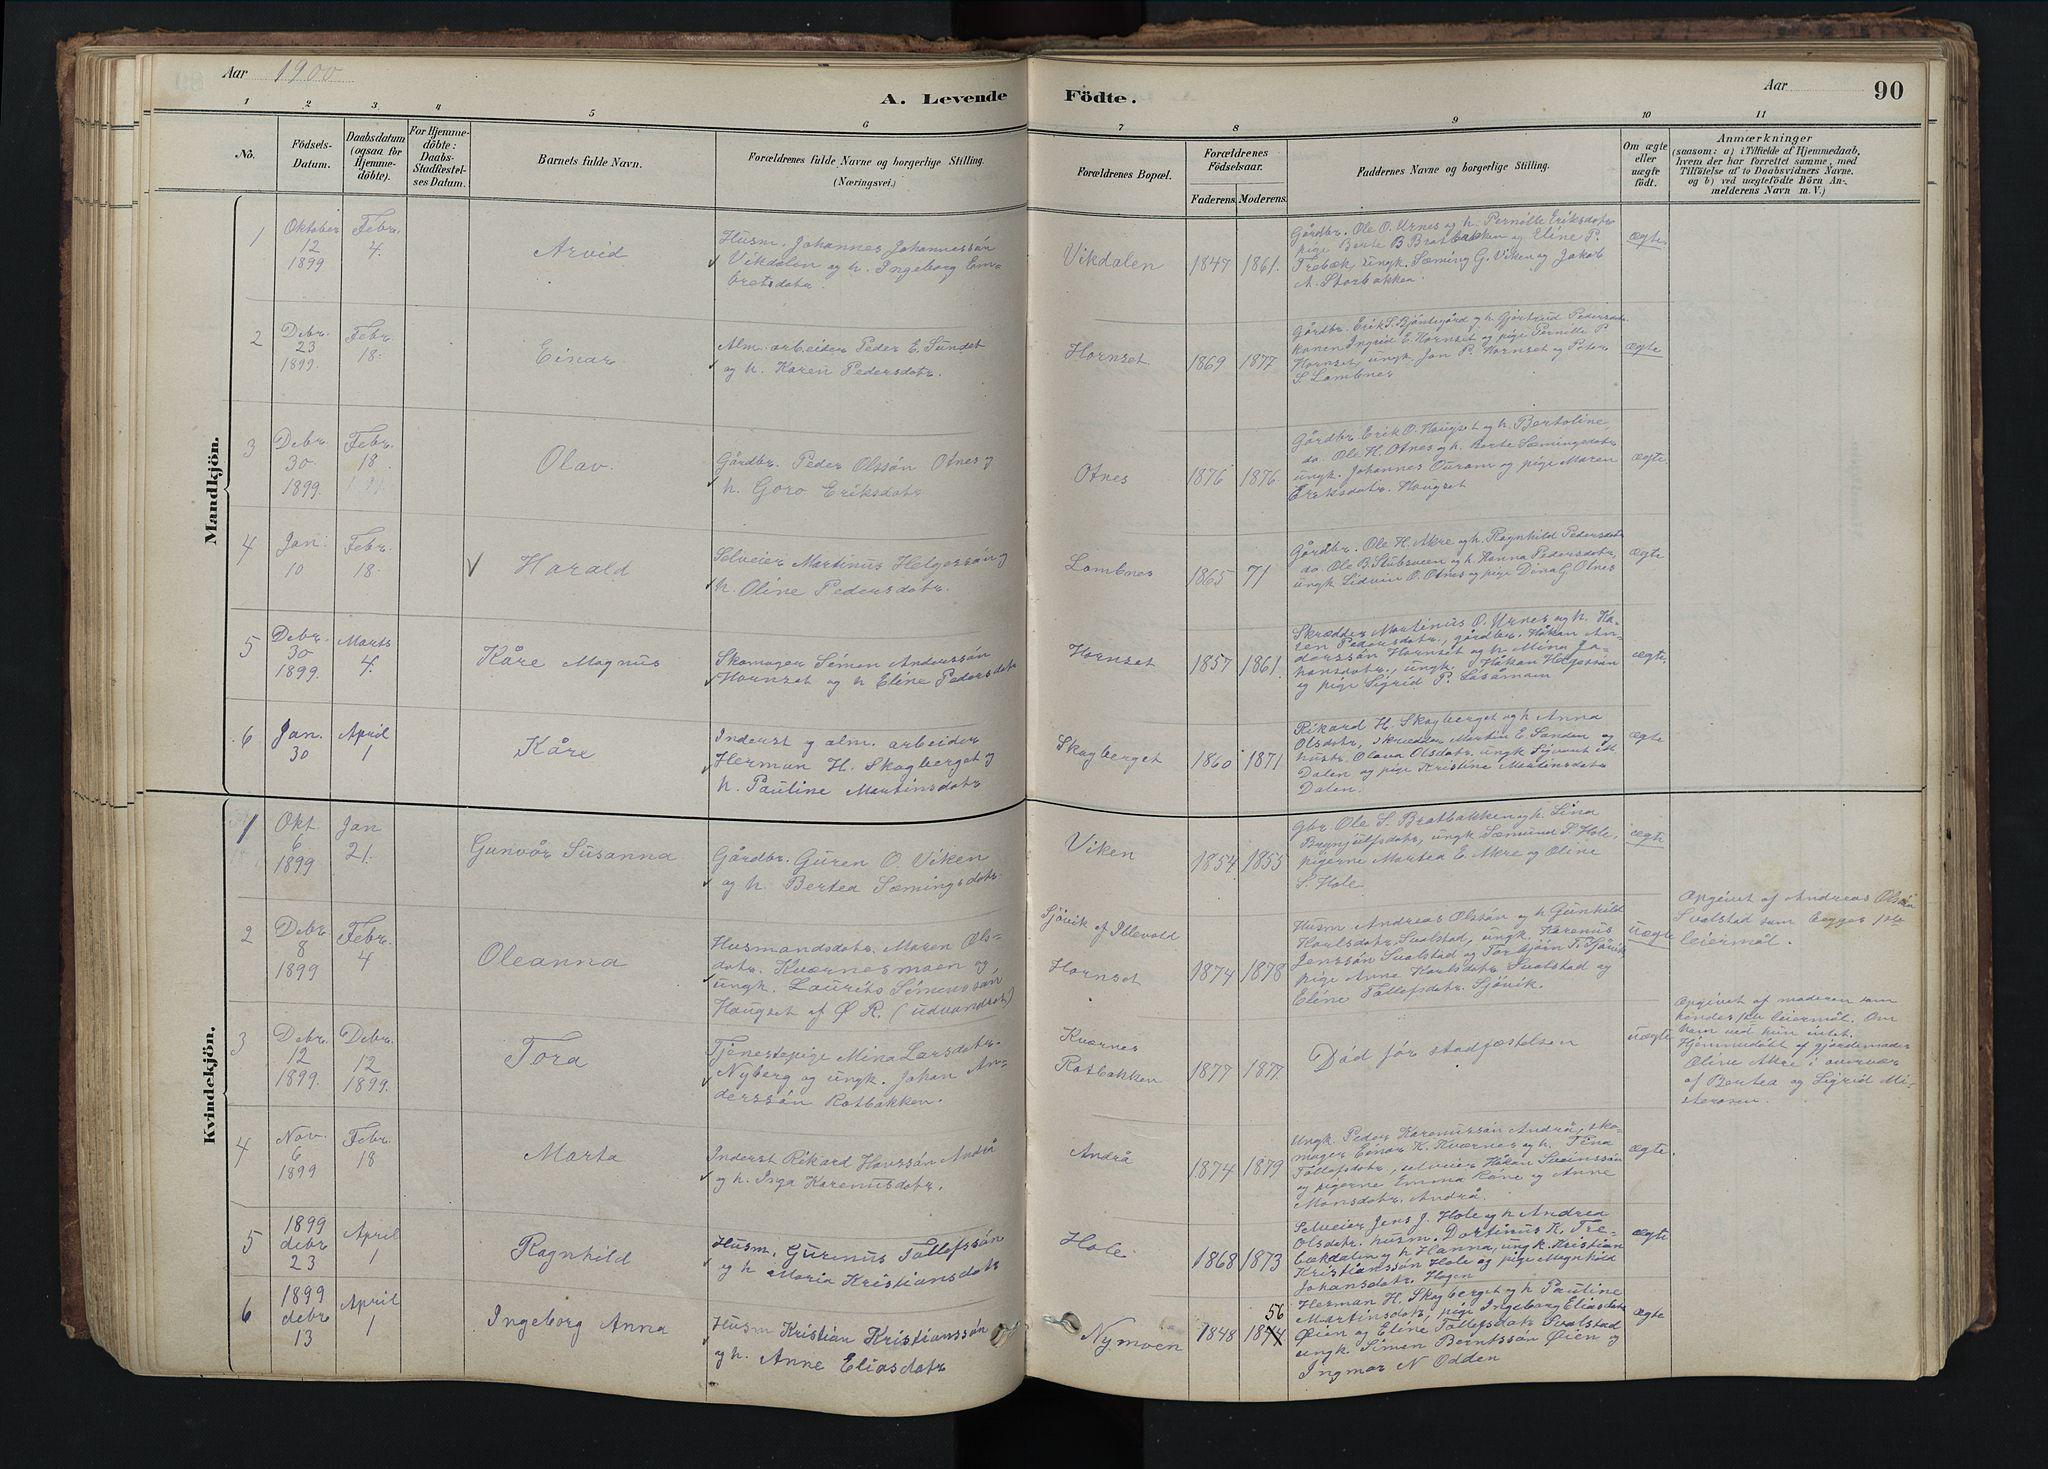 SAH, Rendalen prestekontor, H/Ha/Hab/L0009: Klokkerbok nr. 9, 1879-1902, s. 90